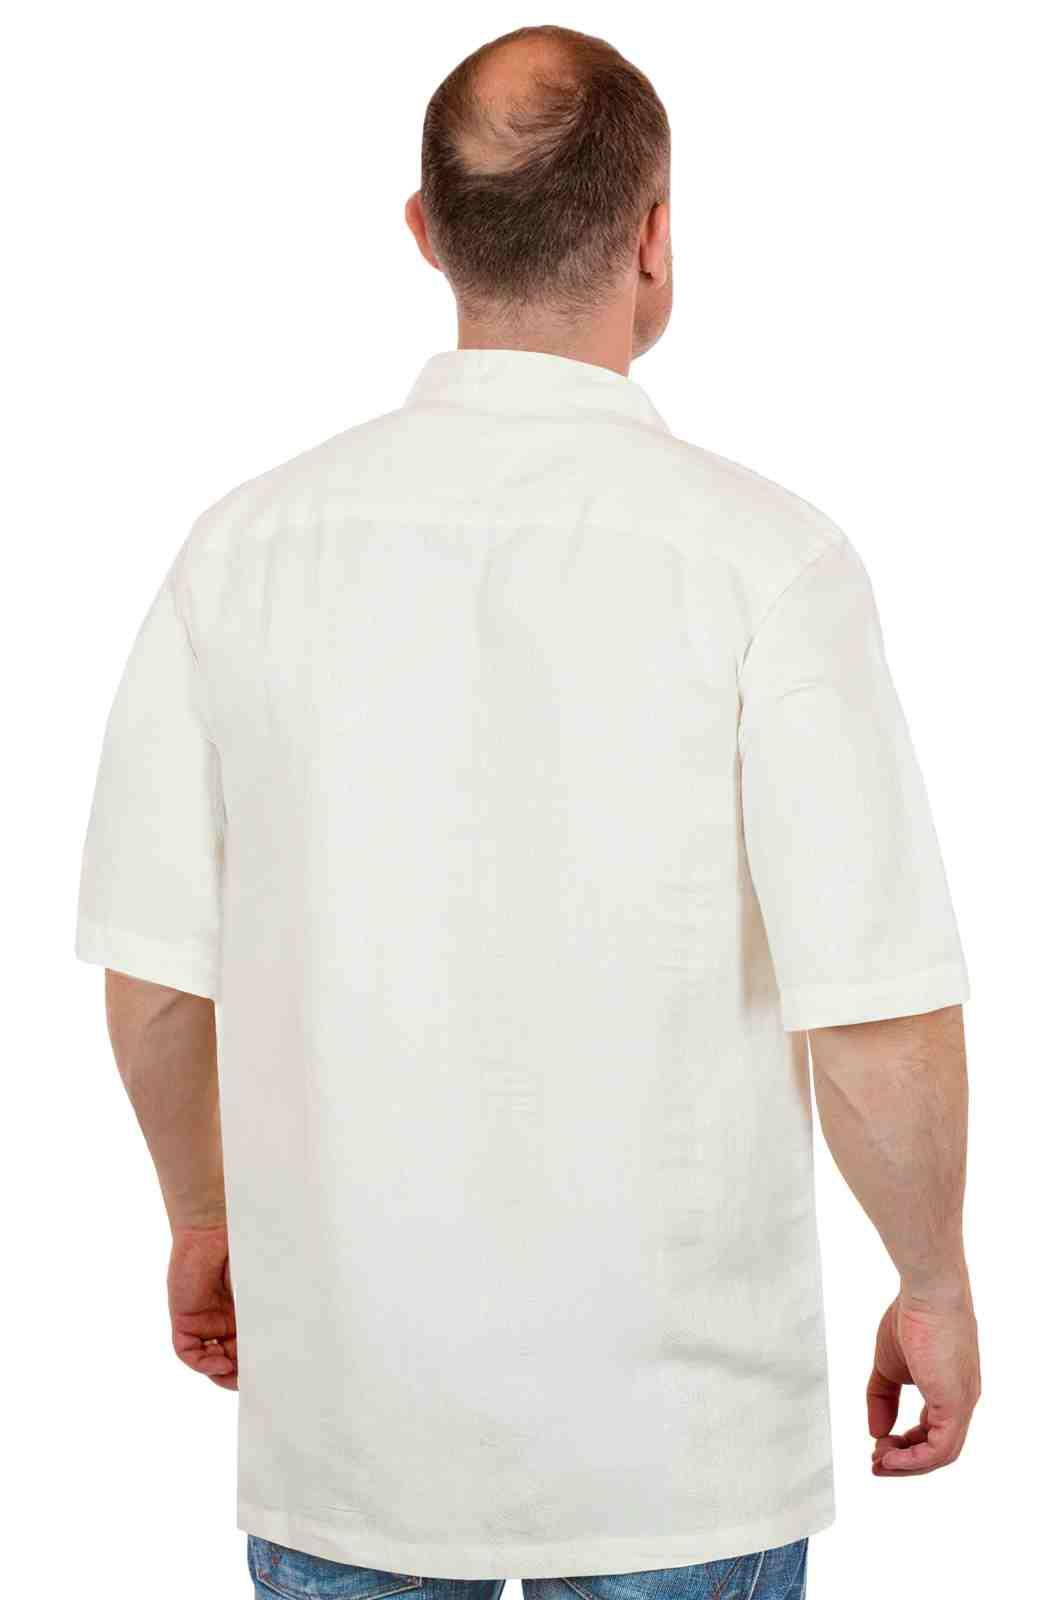 Брендовая летняя рубашка Caribbean Joe (США) для настоящих мужчин-сзади